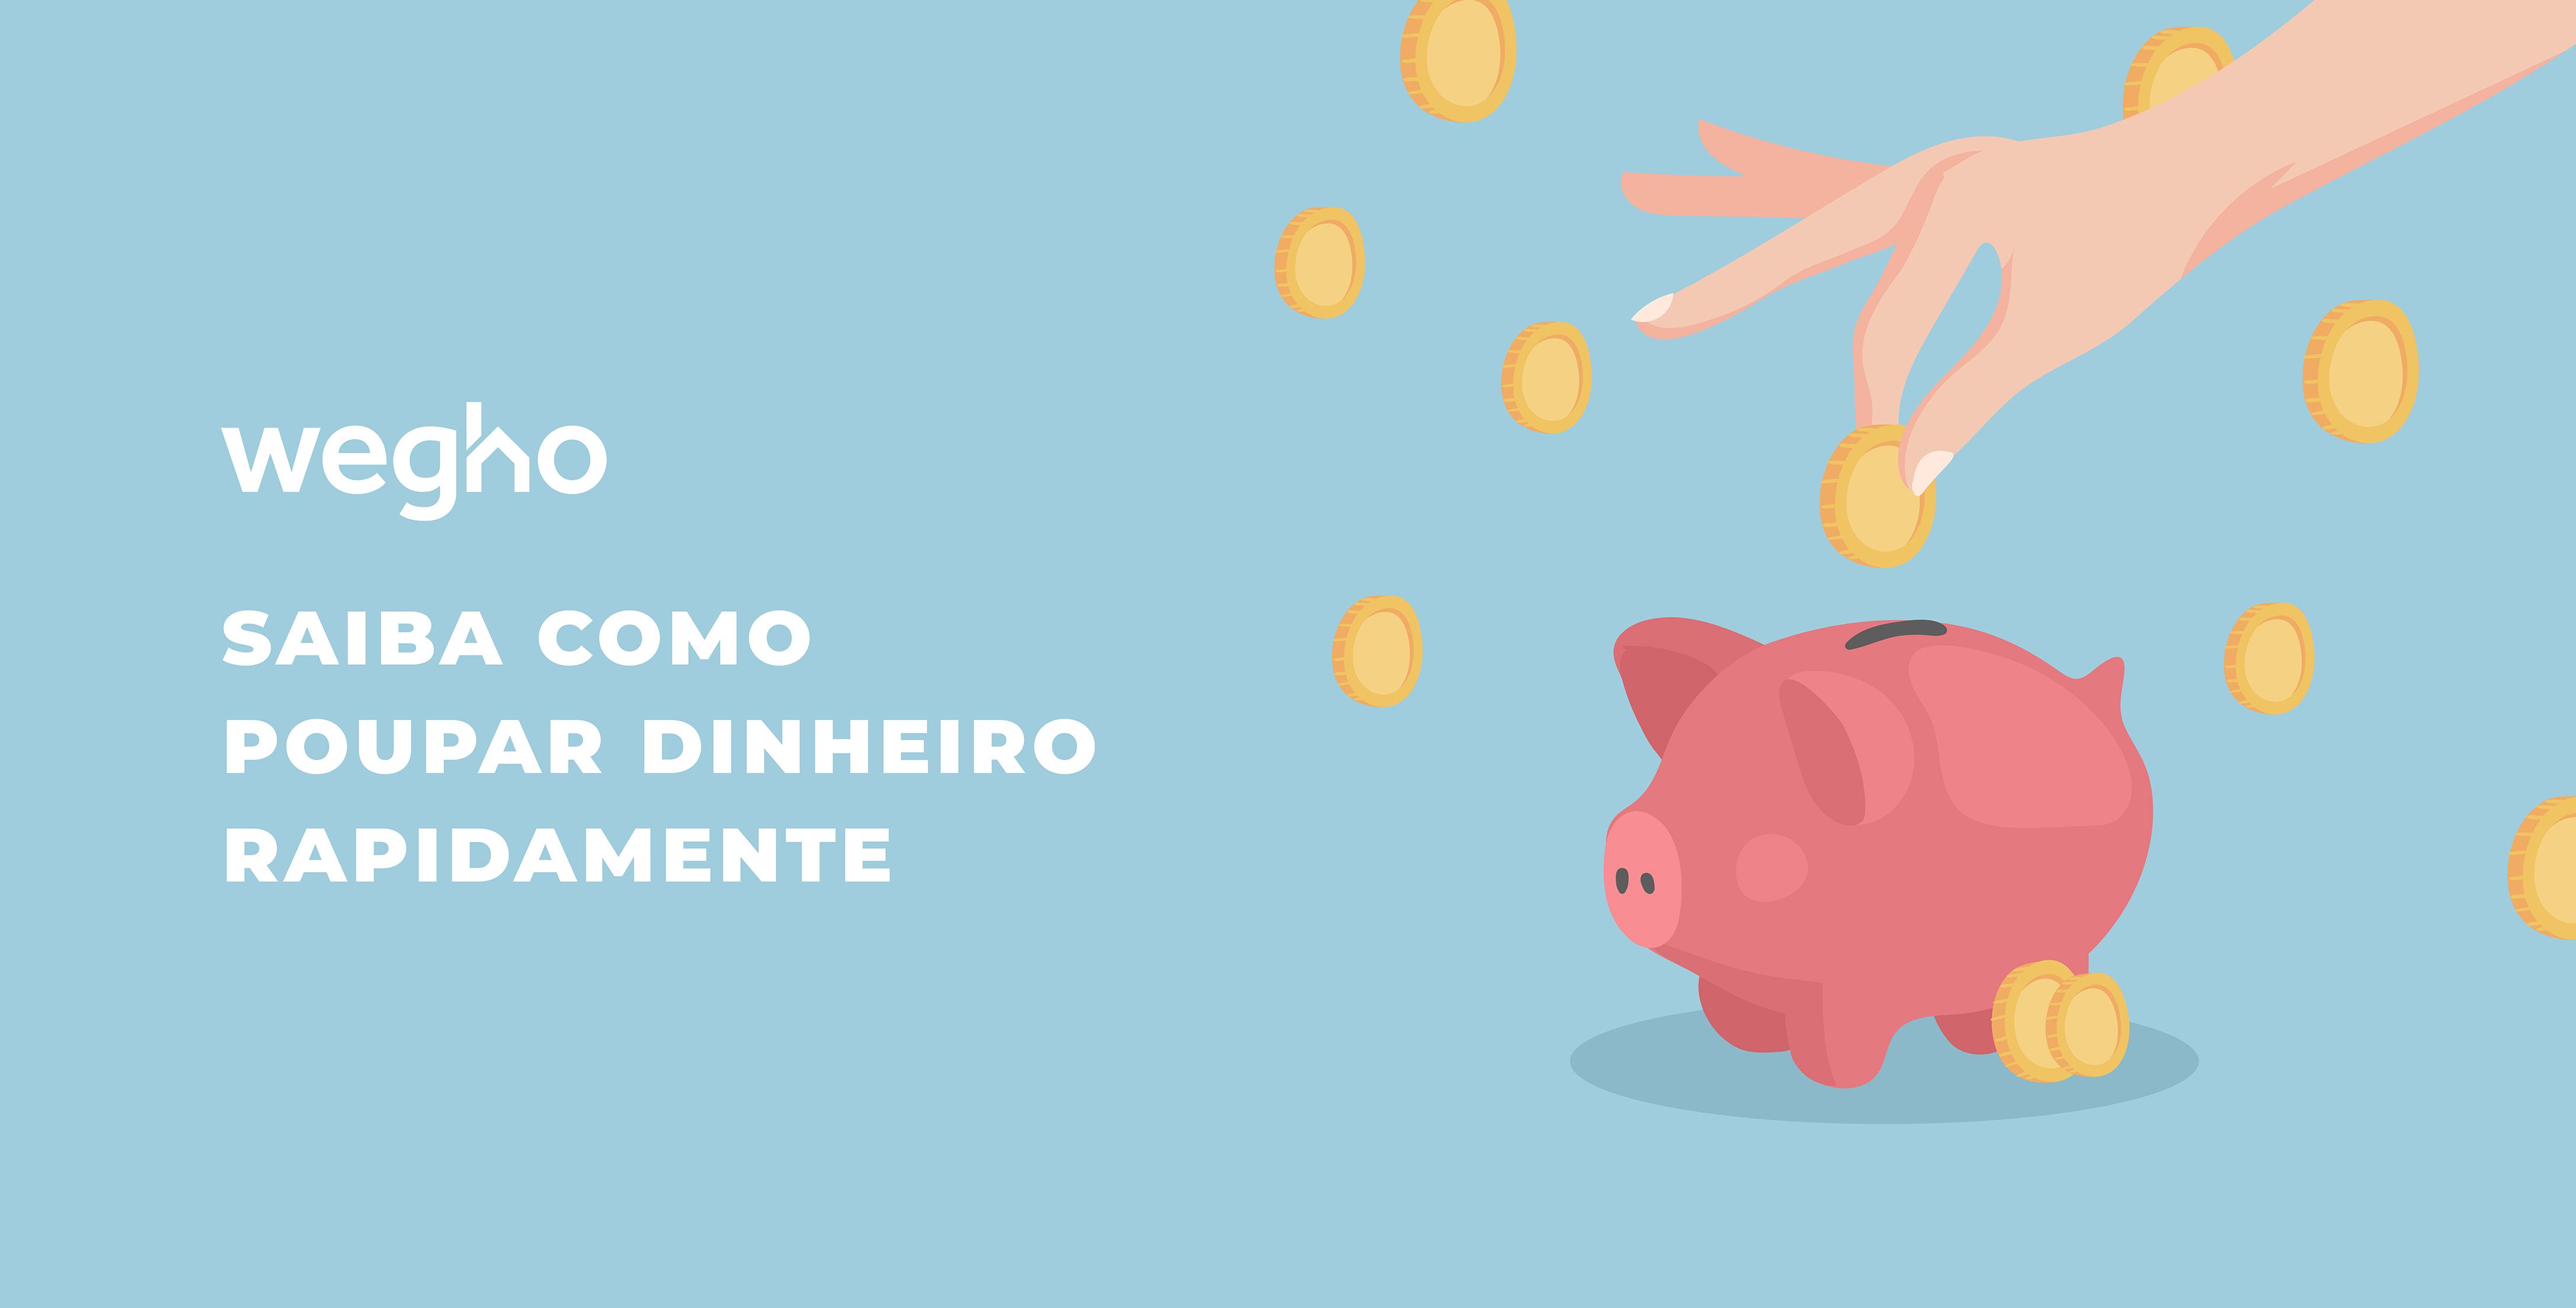 Saiba como poupar dinheiro rapidamente